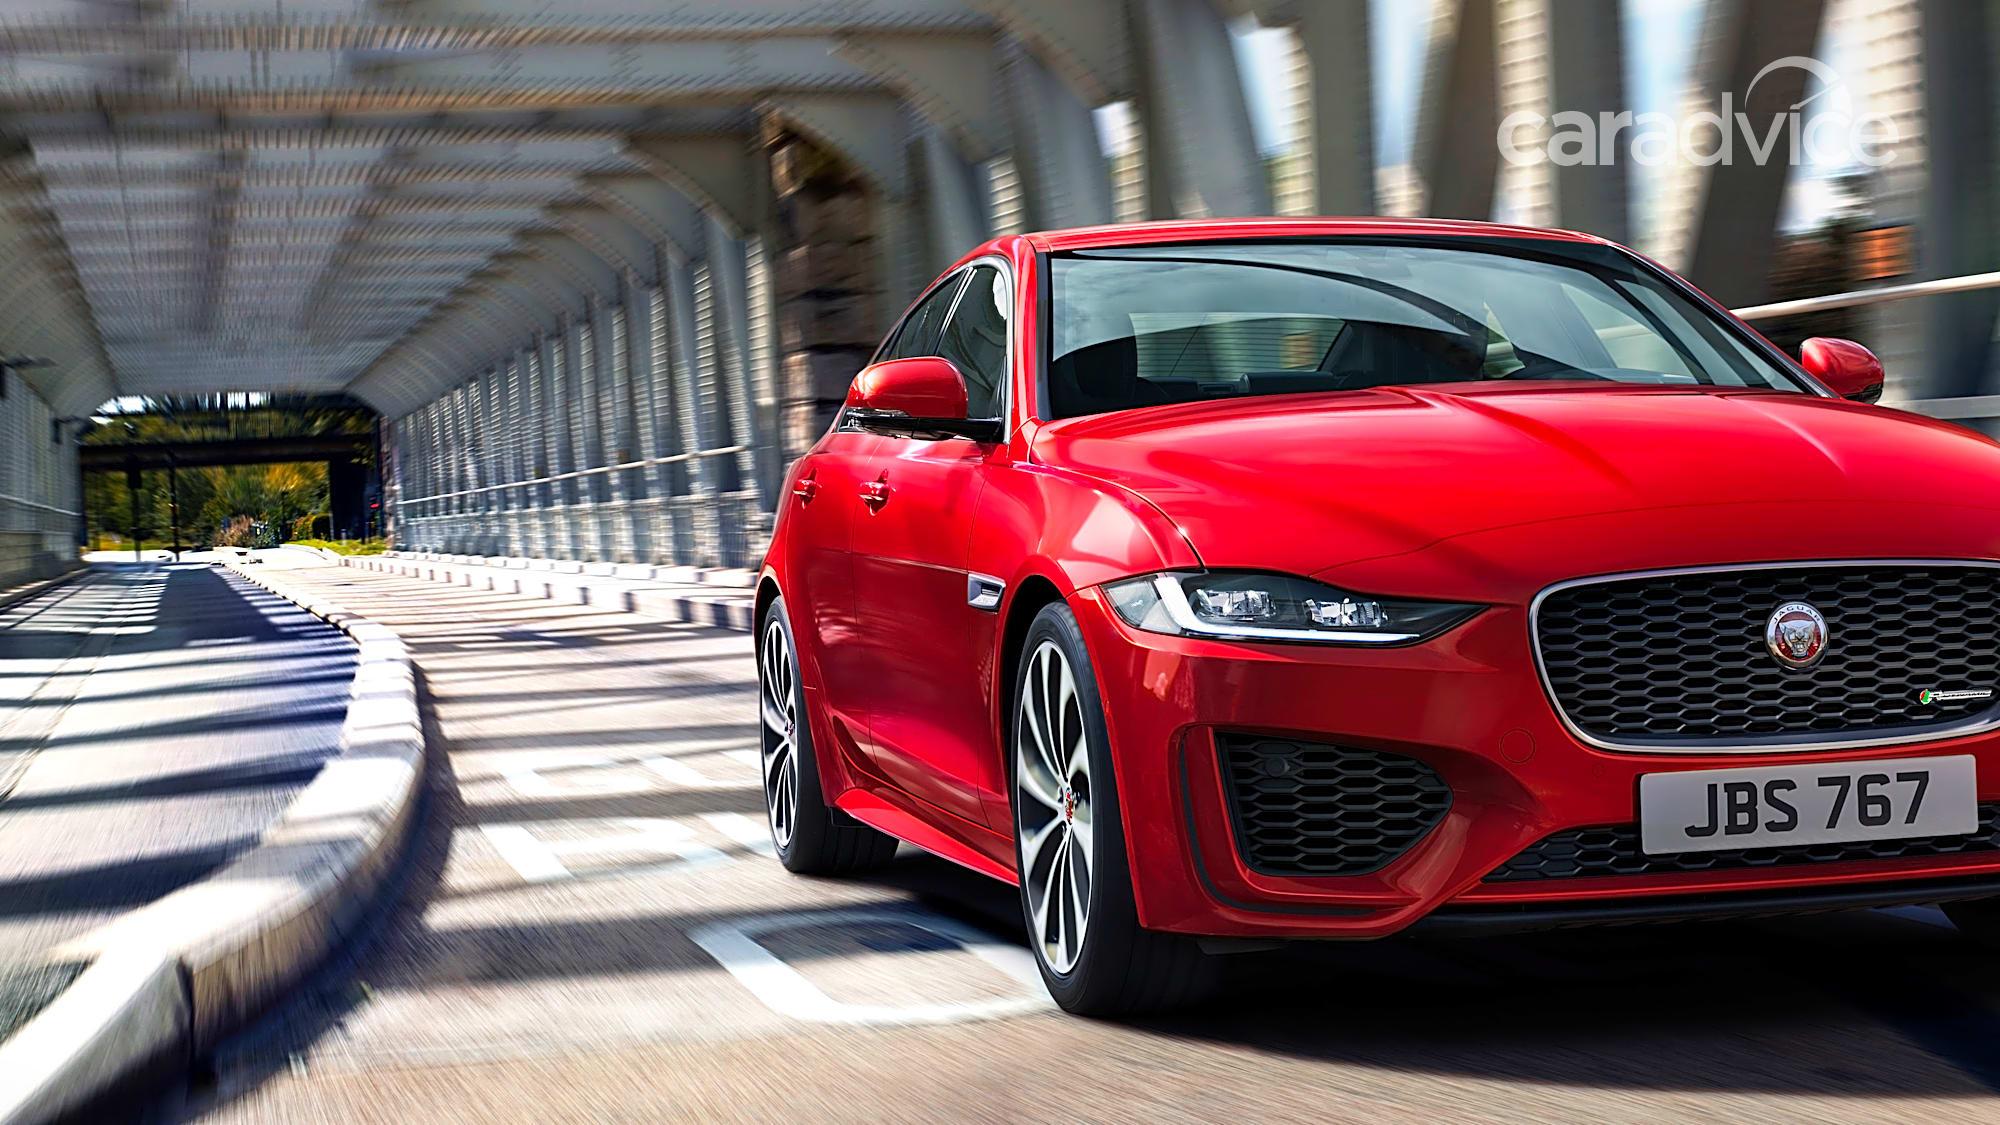 2020 jaguar xe pricing and specs | caradvice